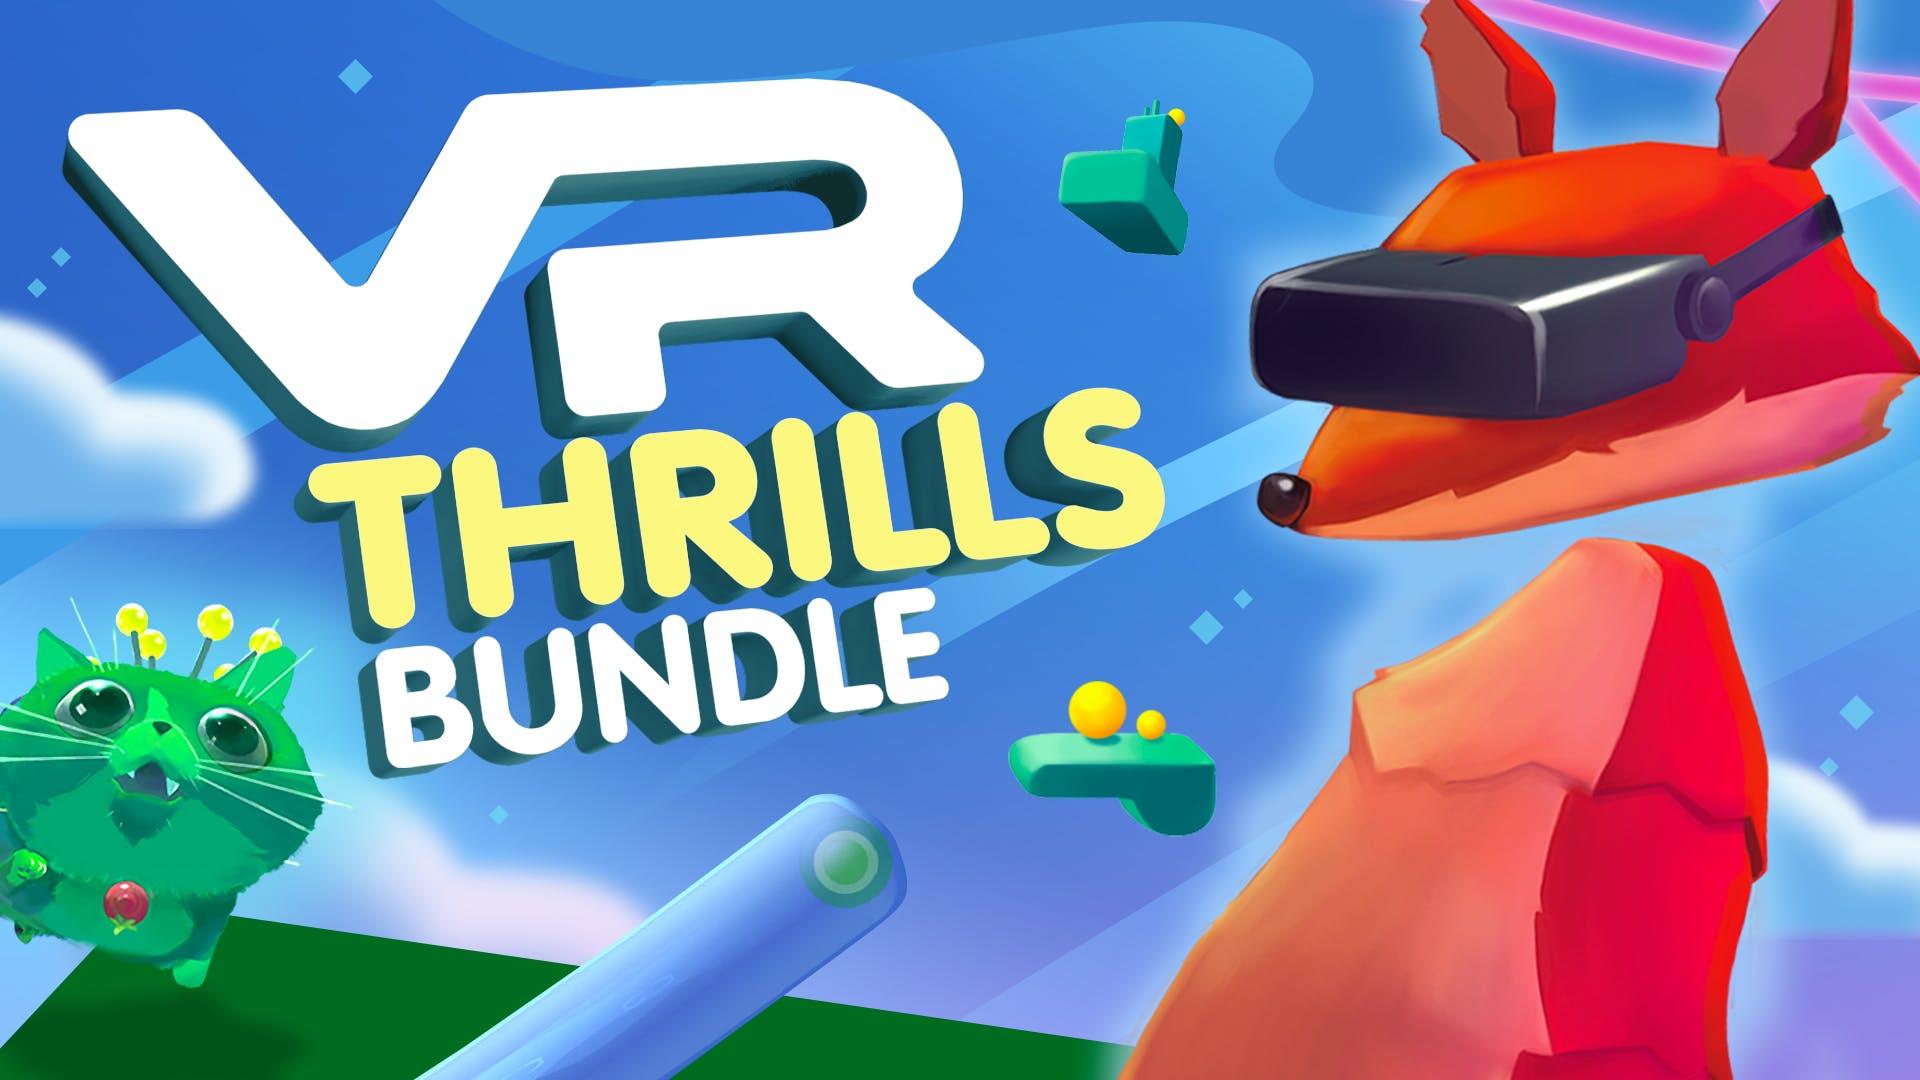 VR Thrills Bundle